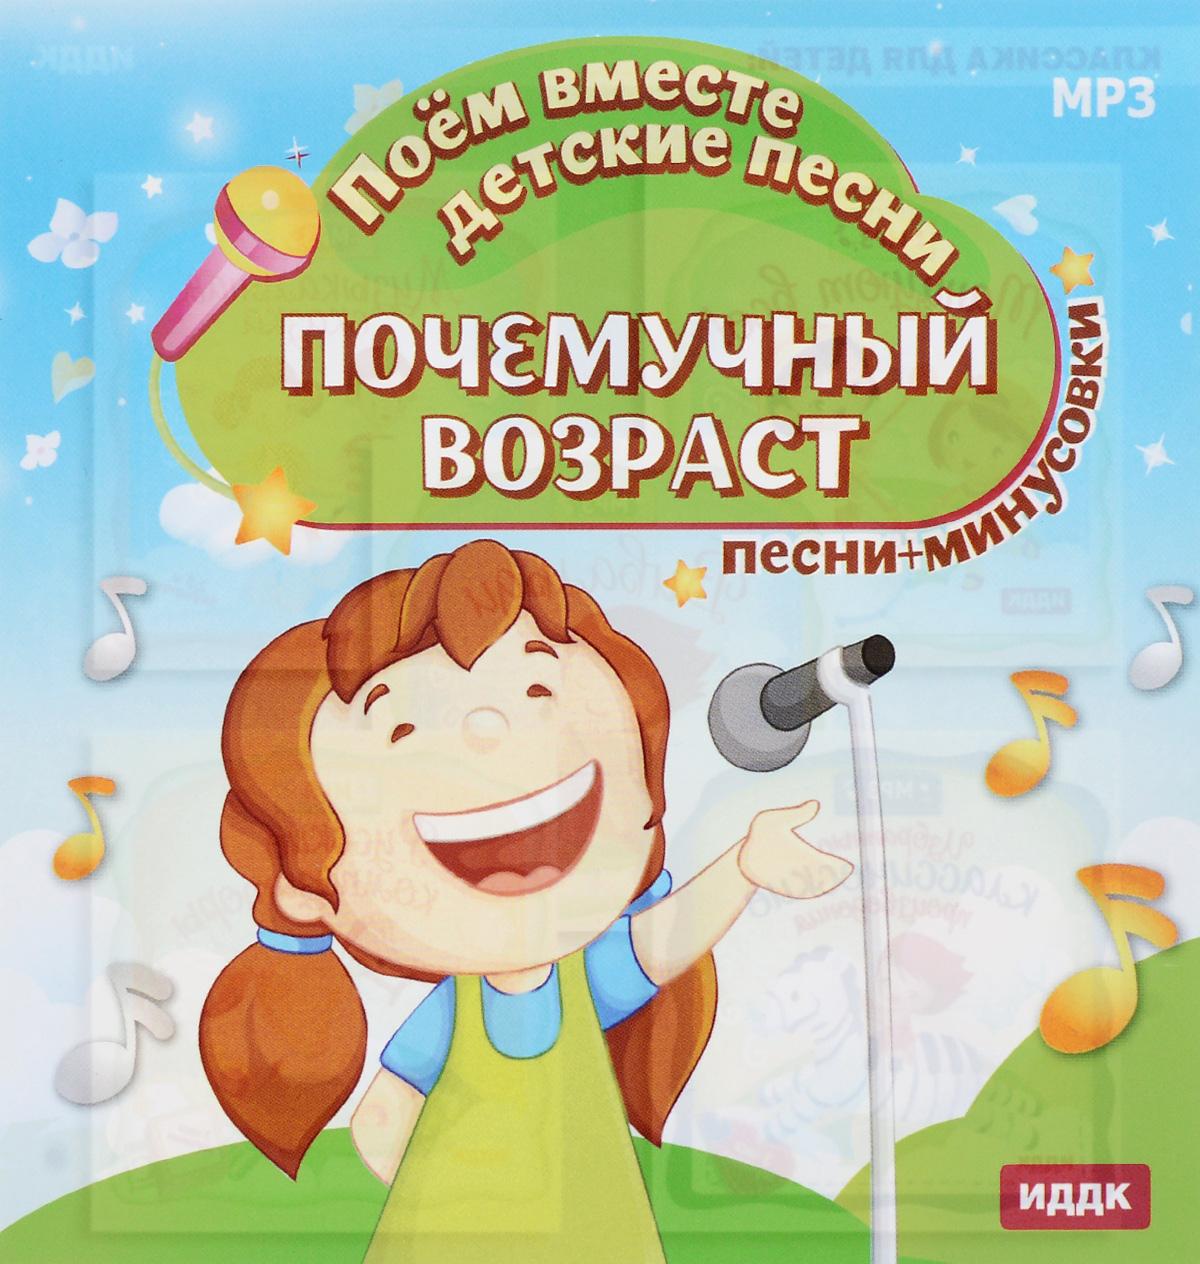 Zakazat.ru Поем вместе детские песни! Почемучный возраст (mp3)